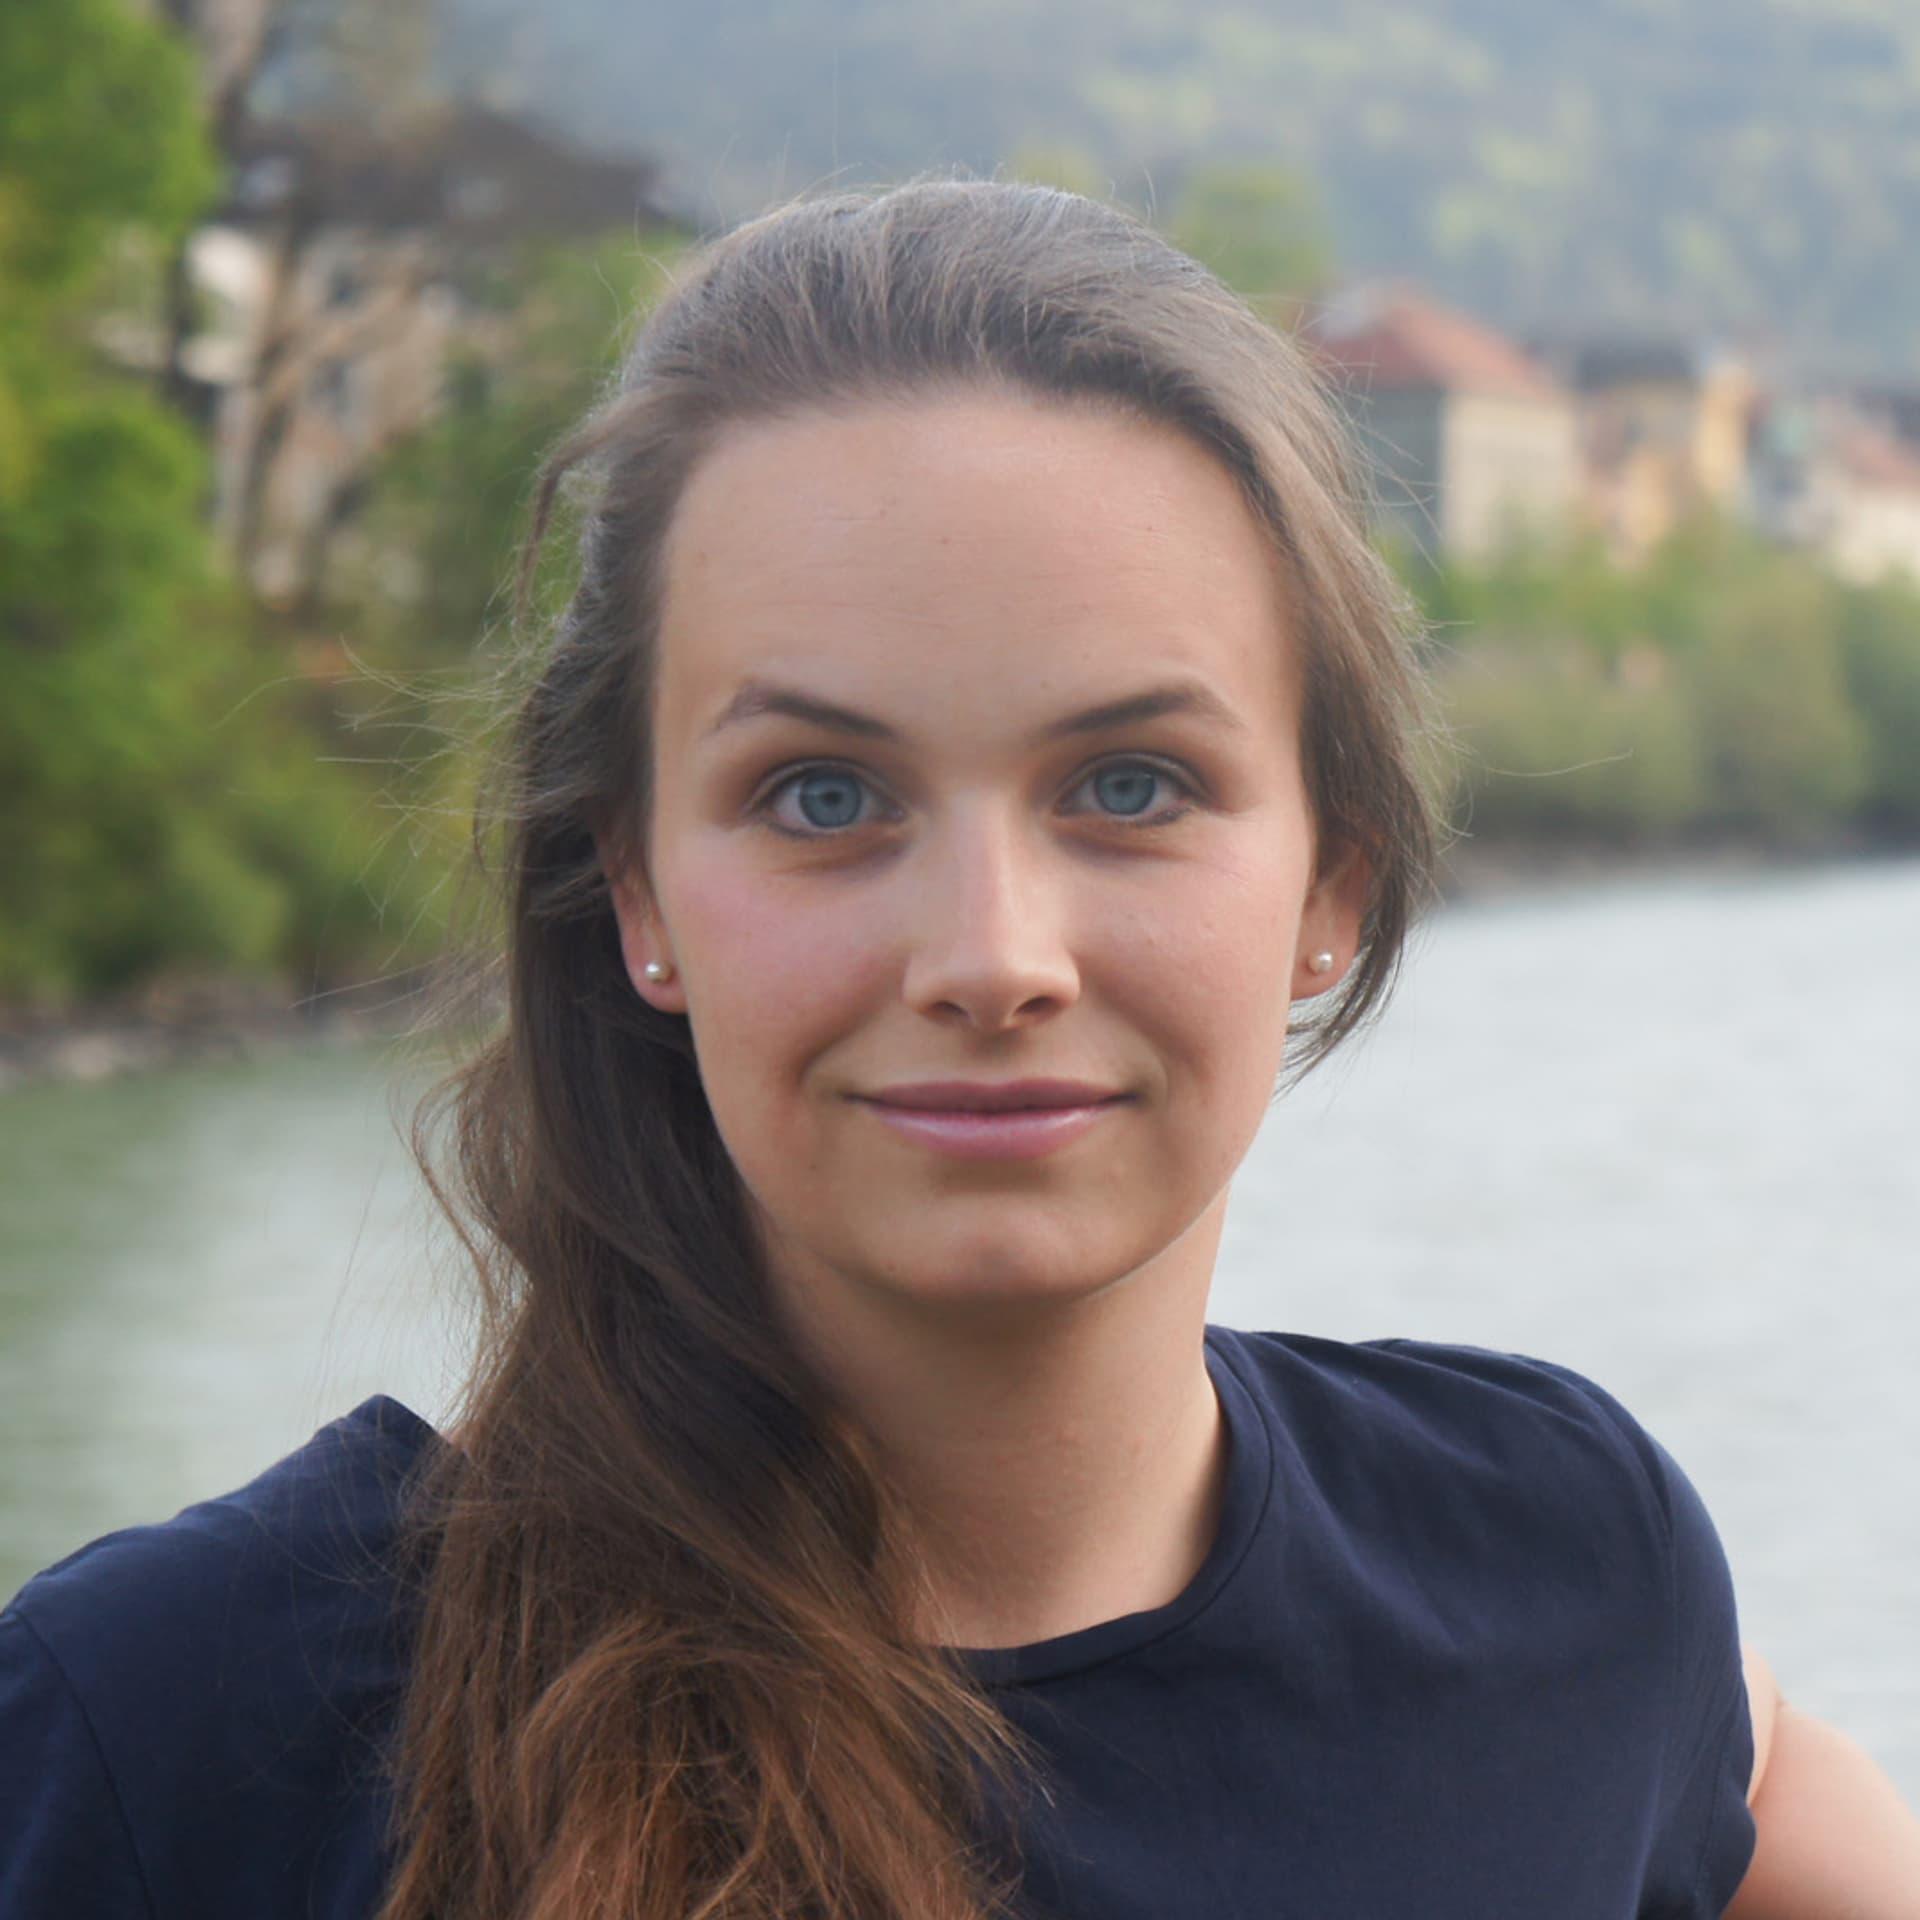 Eine braunhaarige Frau mit blauen Augen